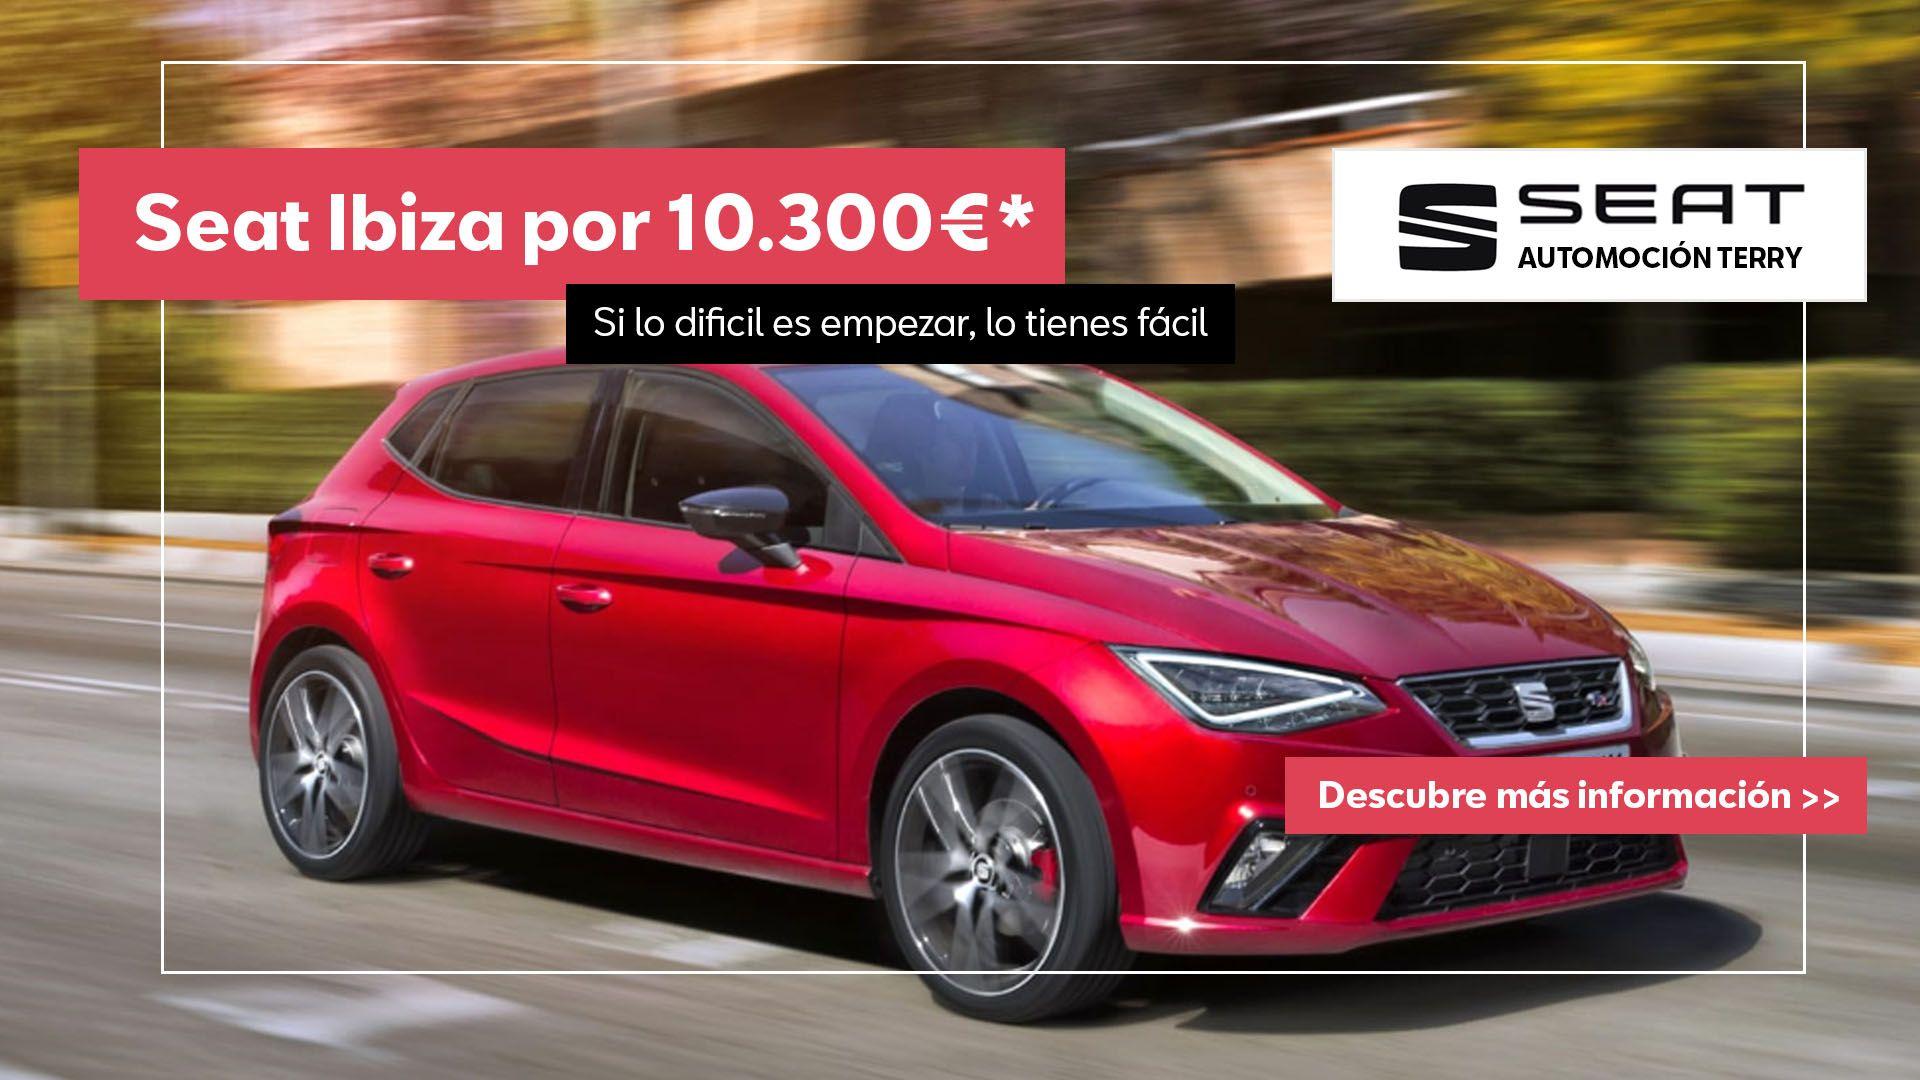 Descubre la mejor oferta para obtener tu Seat Ibiza por 10300